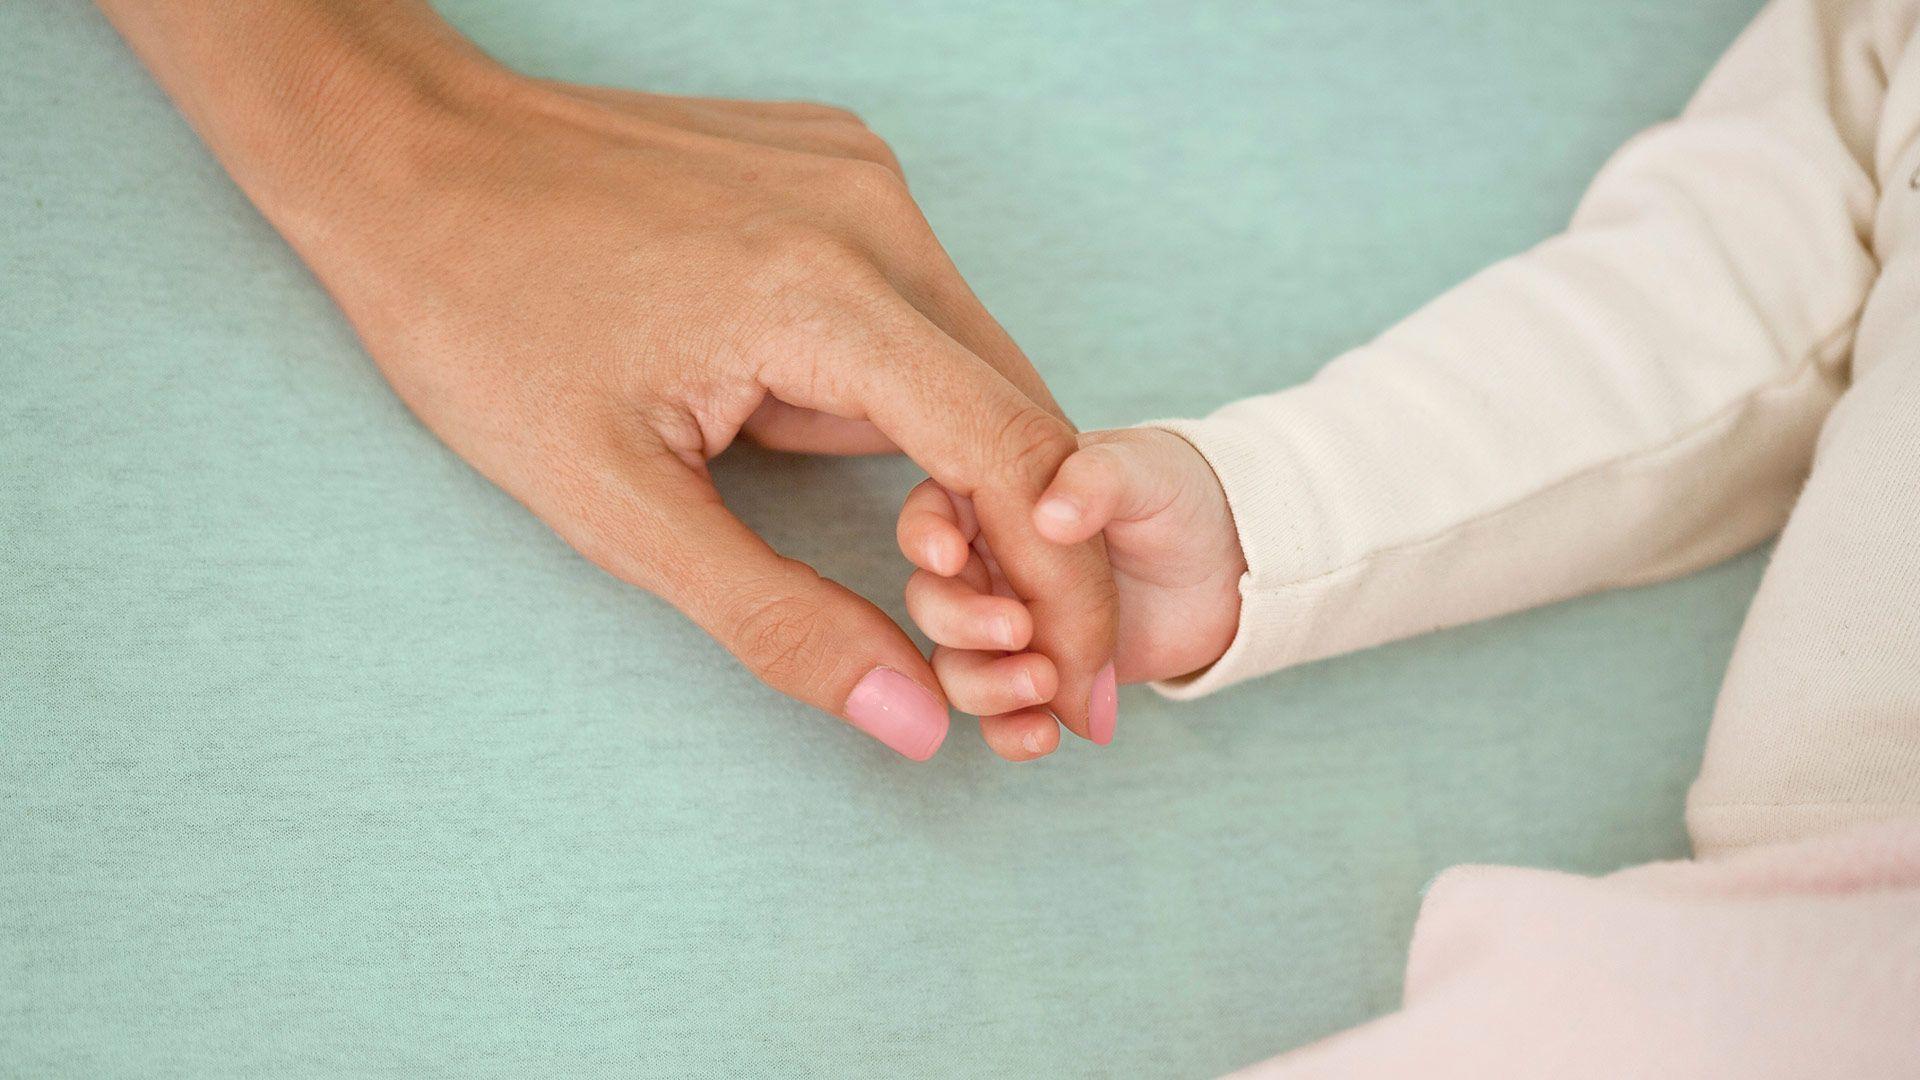 Come rimuovere le macchie dell'età dalle mani con un rimedio naturale